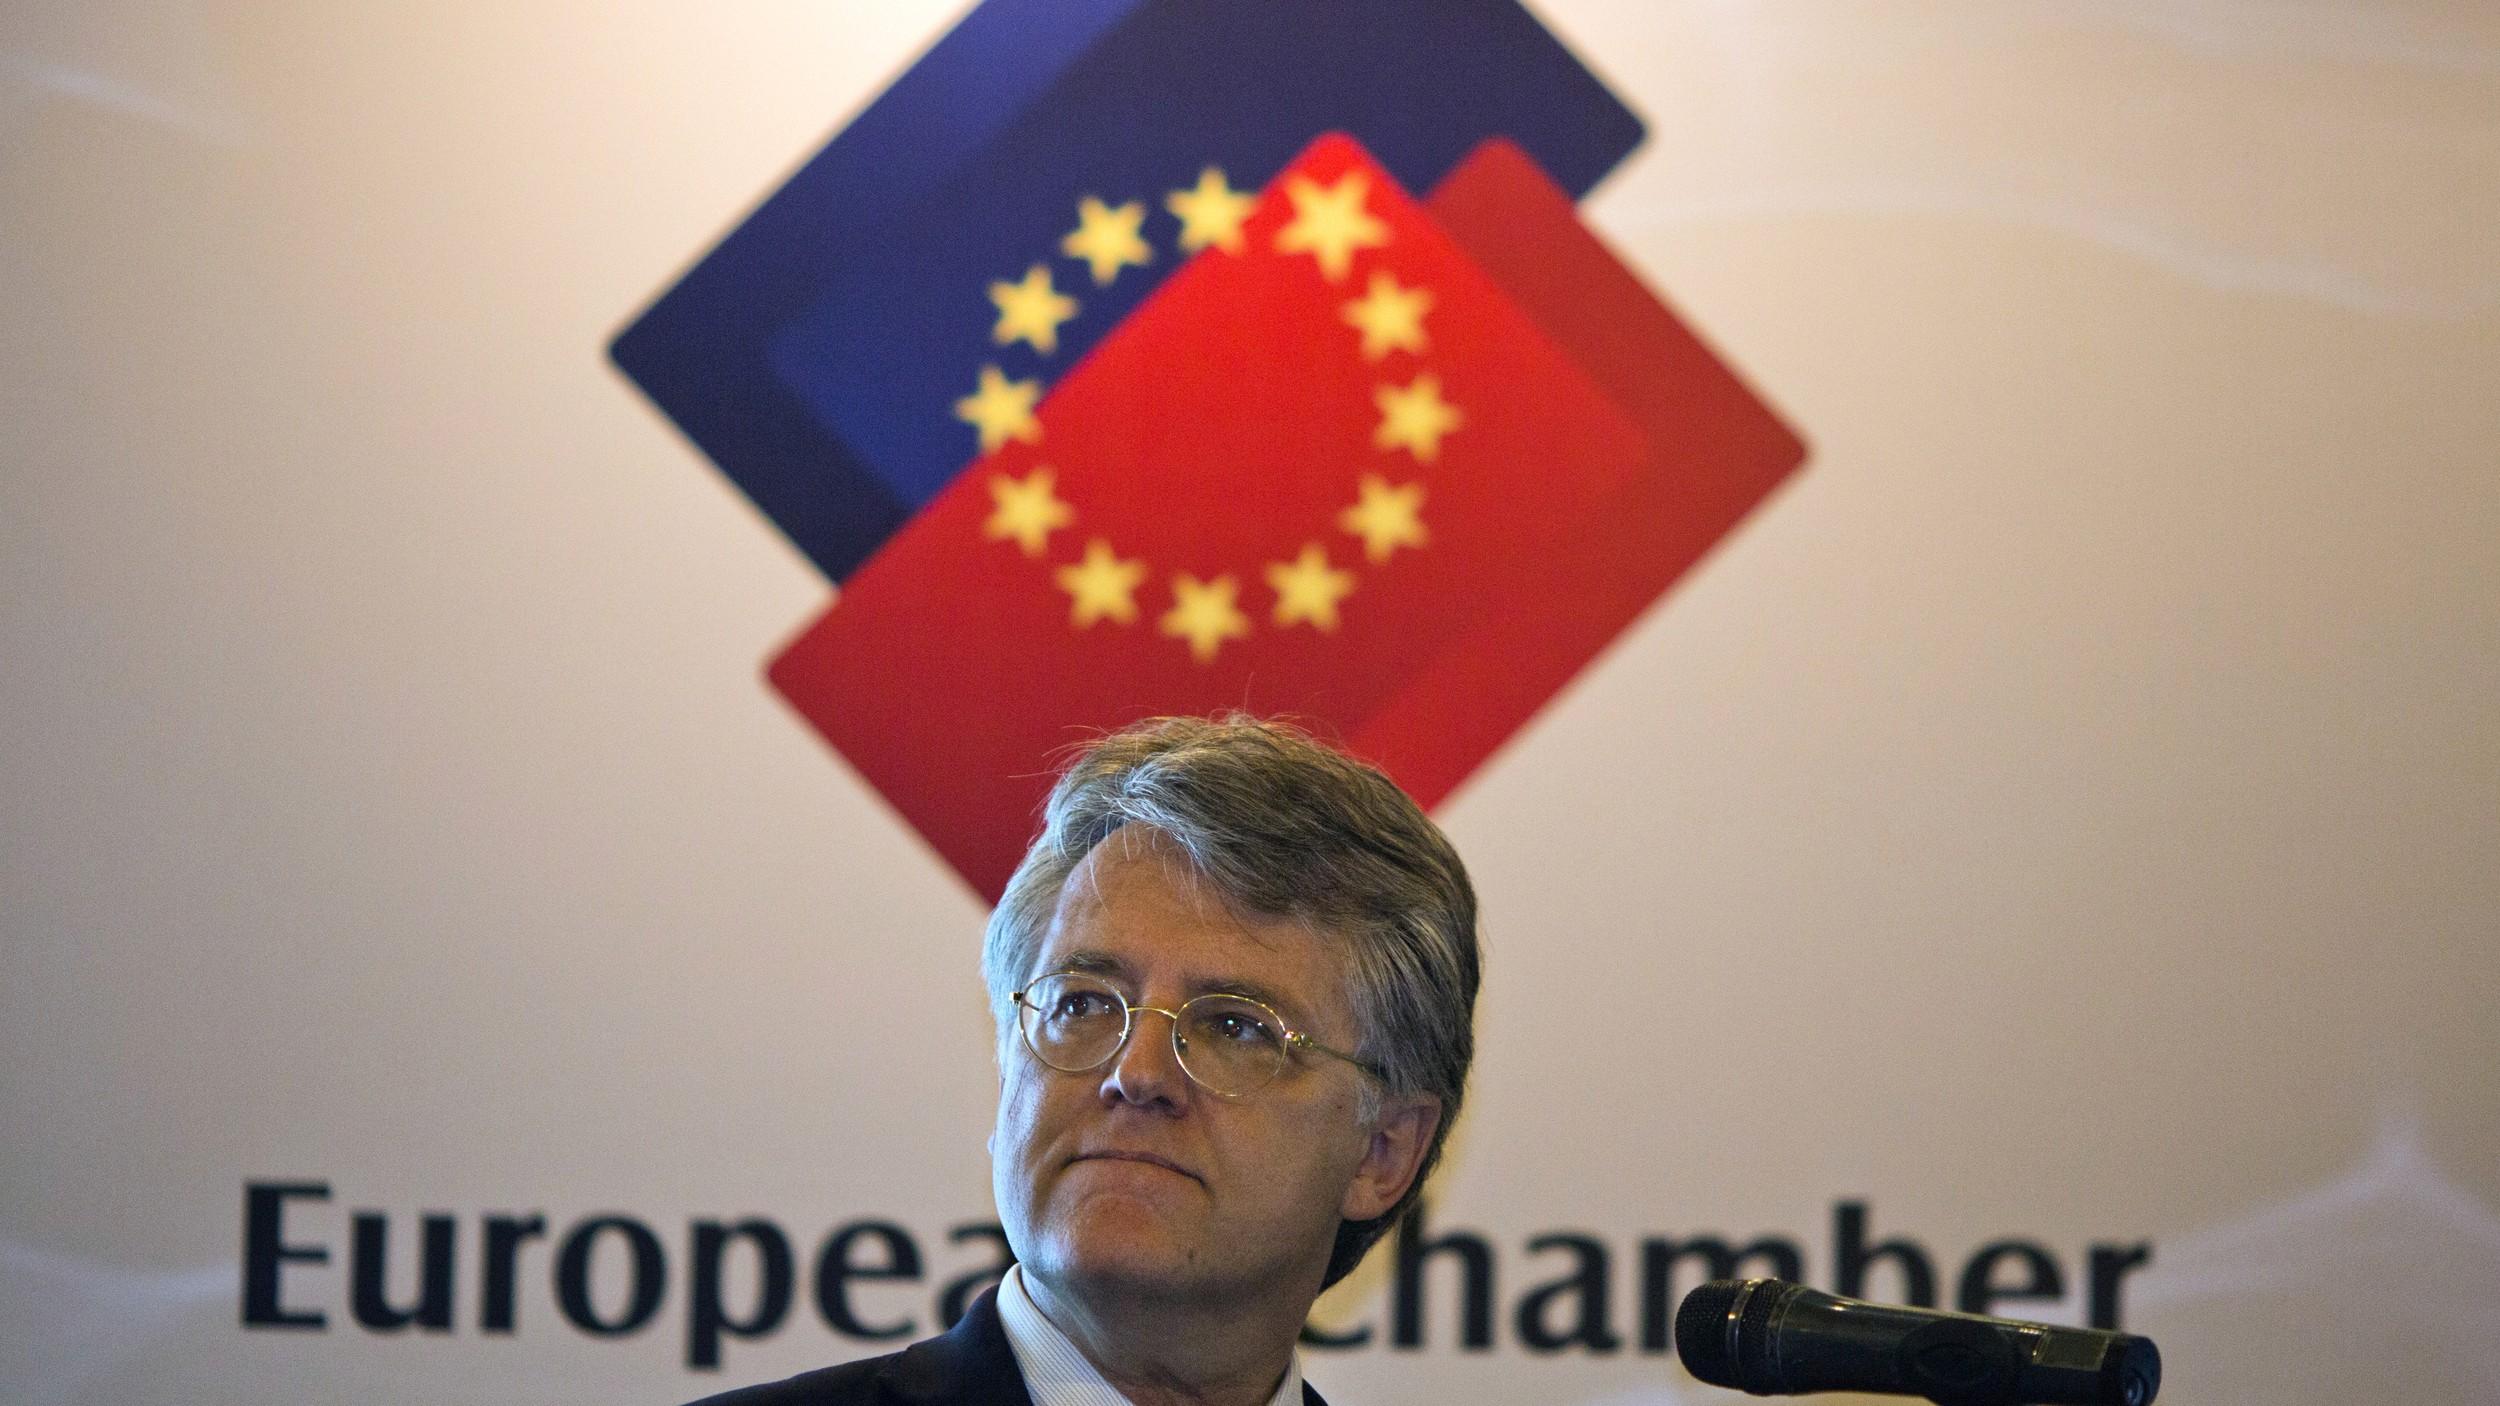 中国欧盟商会主席伍德克(Joerg Wuttke)。(美联社)